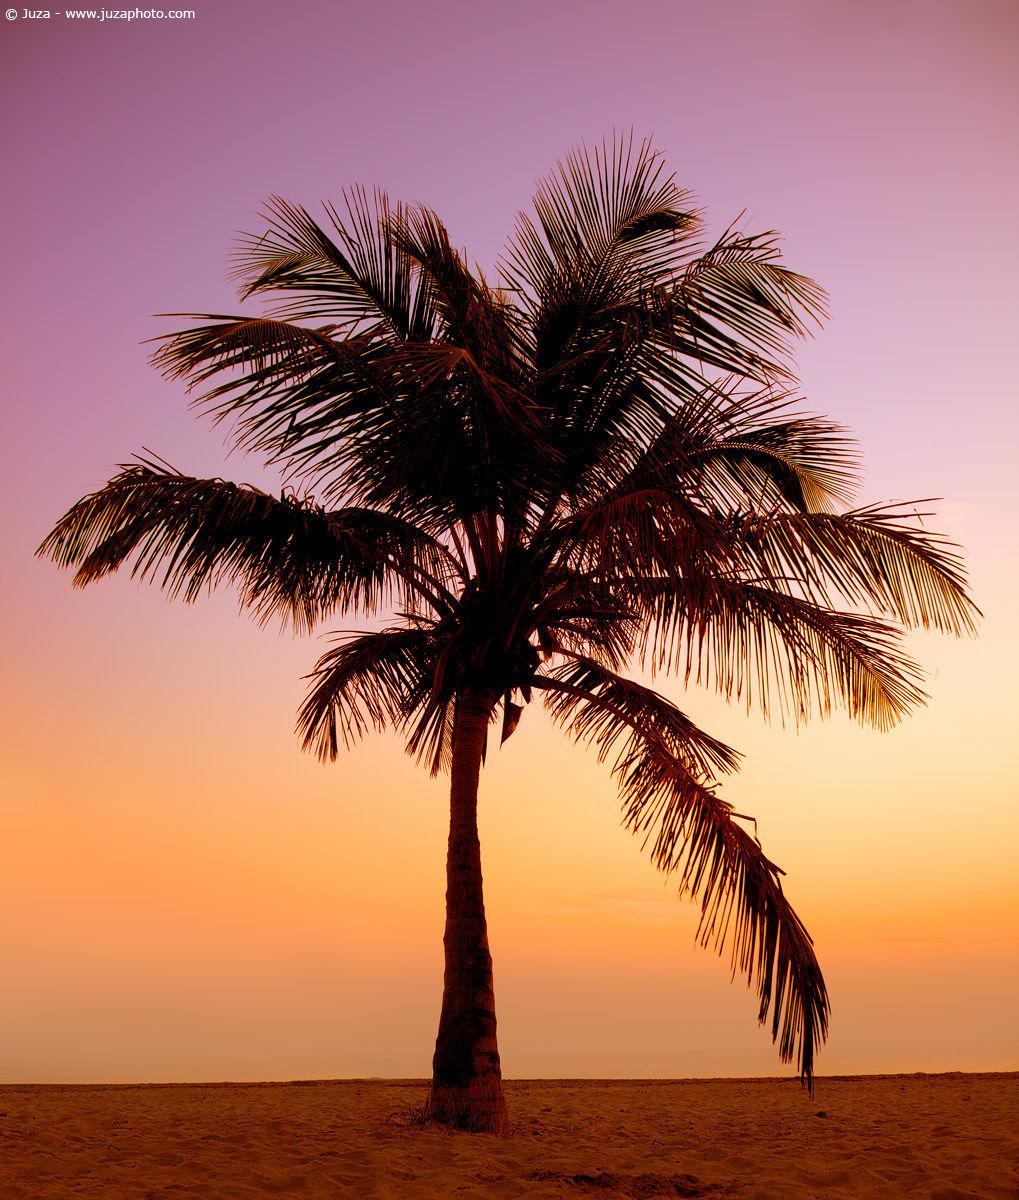 Palma all 39 alba 007515 juzaphoto - Compro vendo regalo la palma ...